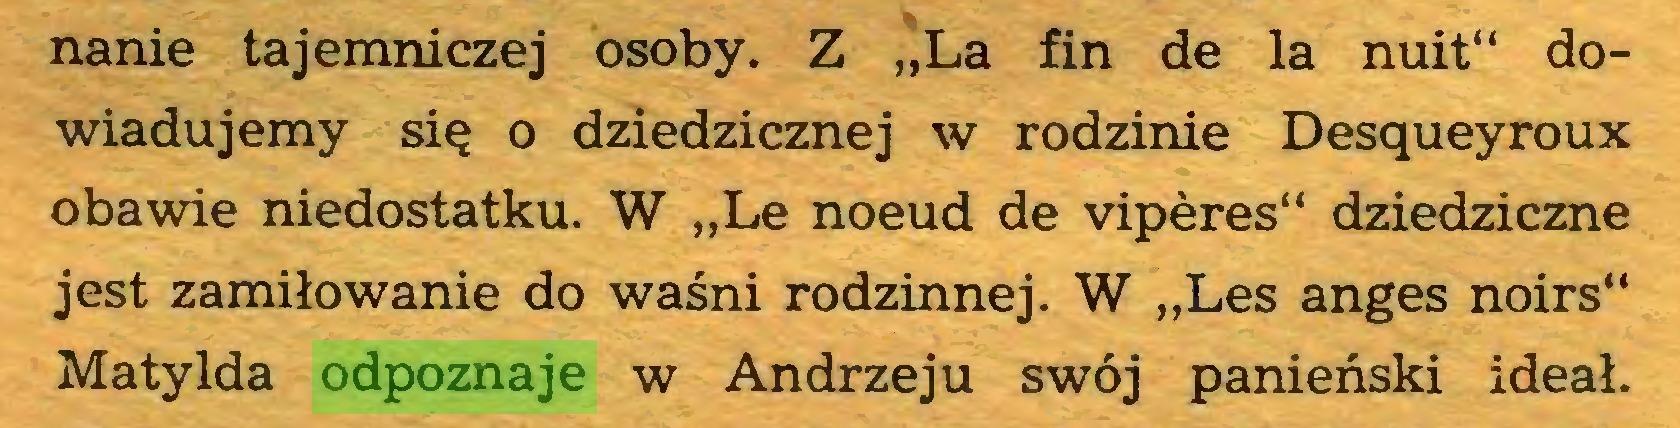 """(...) nanie tajemniczej osoby. Z """"La fin de la nuit"""" dowiadujemy się o dziedzicznej w rodzinie Desqueyroux obawie niedostatku. W """"Le noeud de vipères"""" dziedziczne jest zamiłowanie do waśni rodzinnej. W """"Les anges noirs"""" Matylda odpoznaje w Andrzeju swój panieński ideał..."""